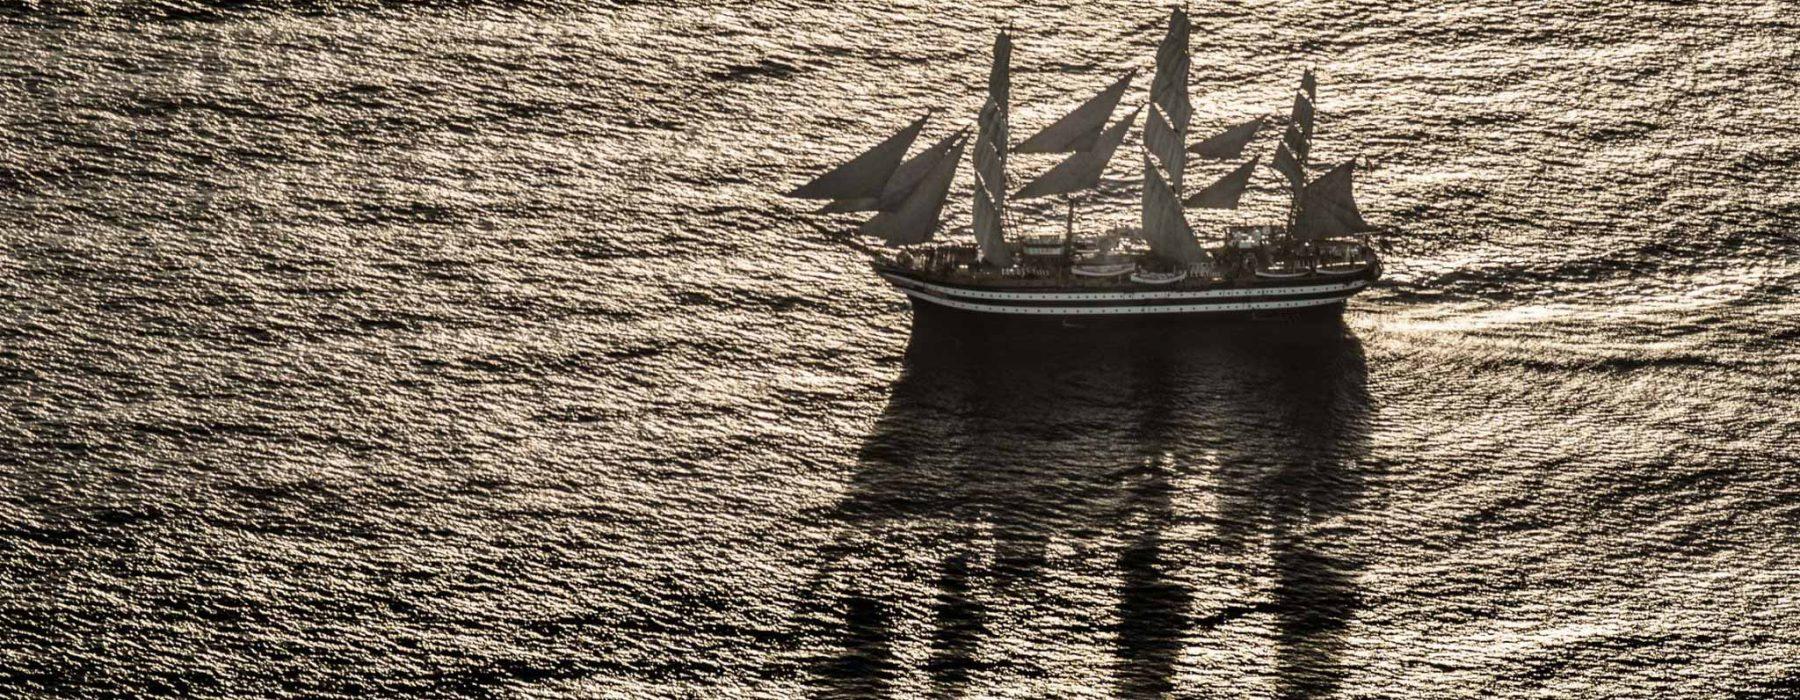 L'Amerigo Vespucci, la nave Italiana più bella del mondo